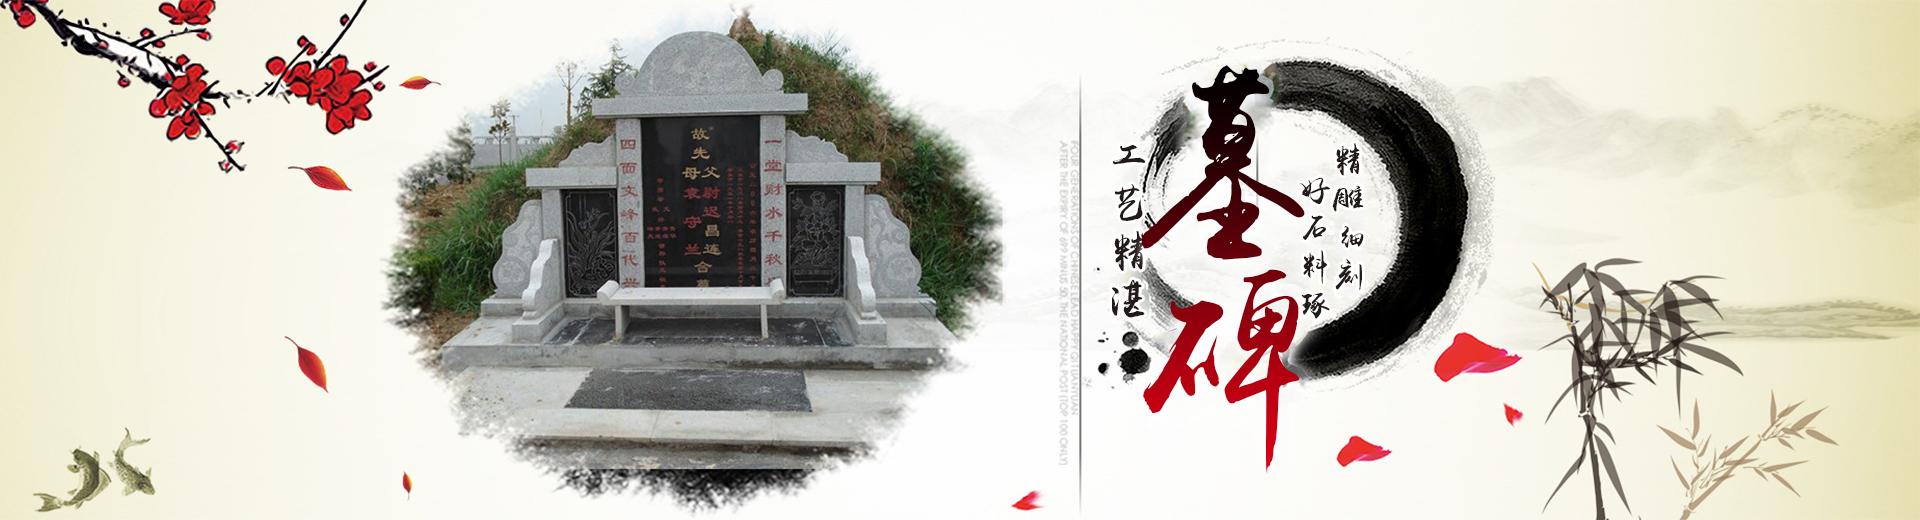 湖北墓碑石材